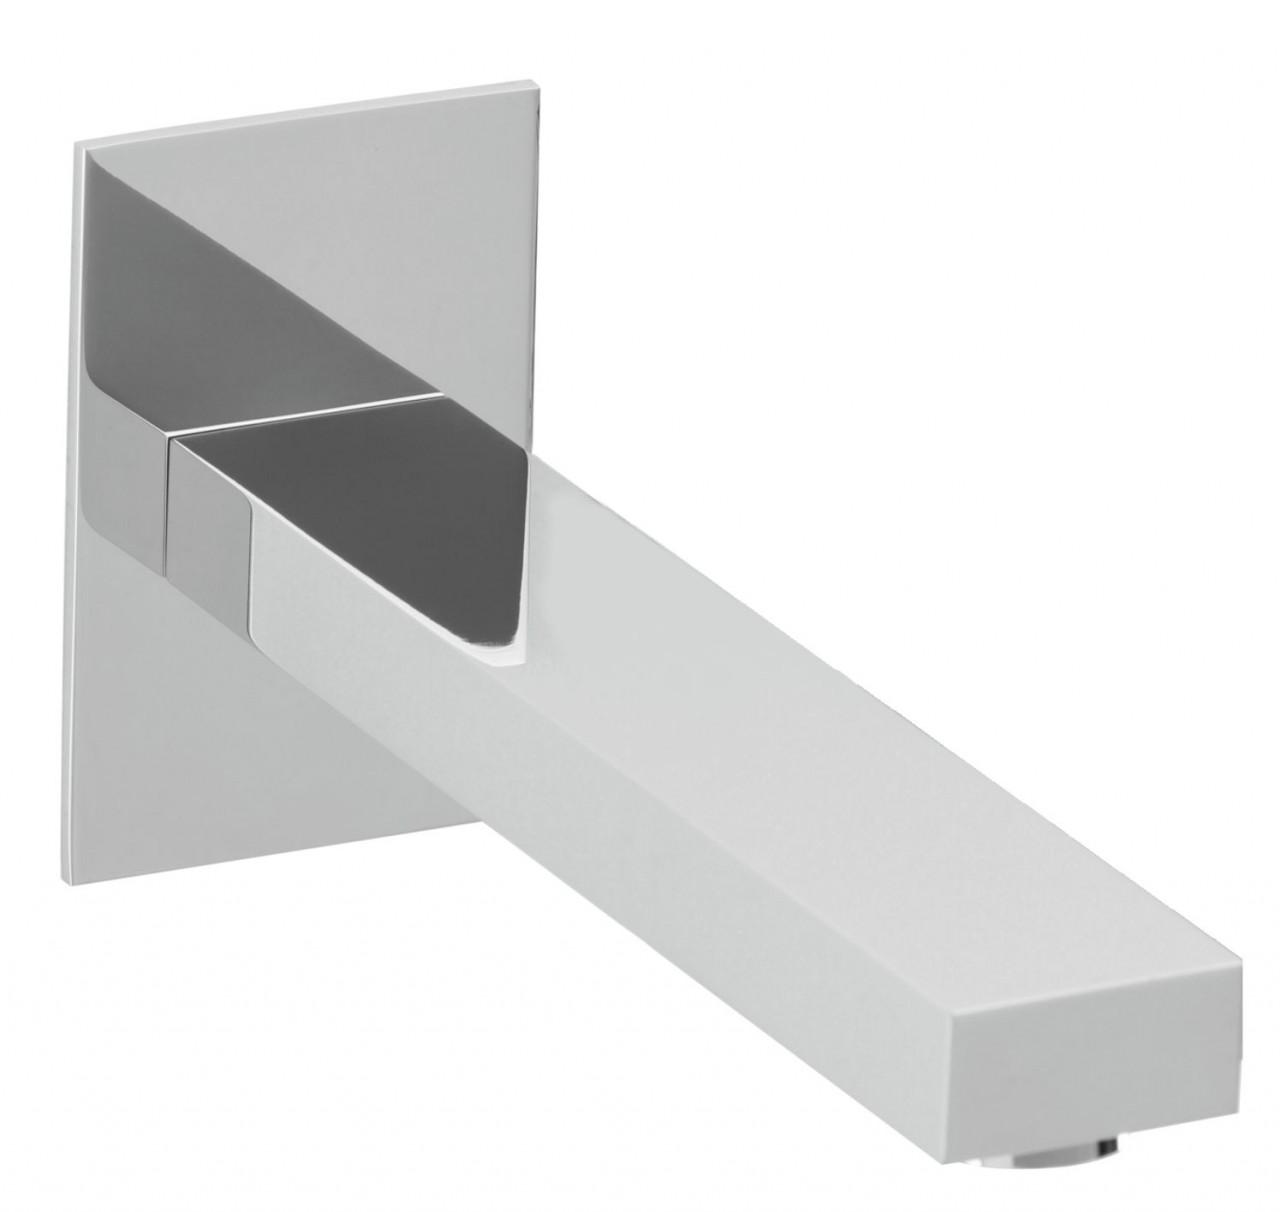 reduziert m bel von herzbach g nstig online kaufen bei m bel garten. Black Bedroom Furniture Sets. Home Design Ideas